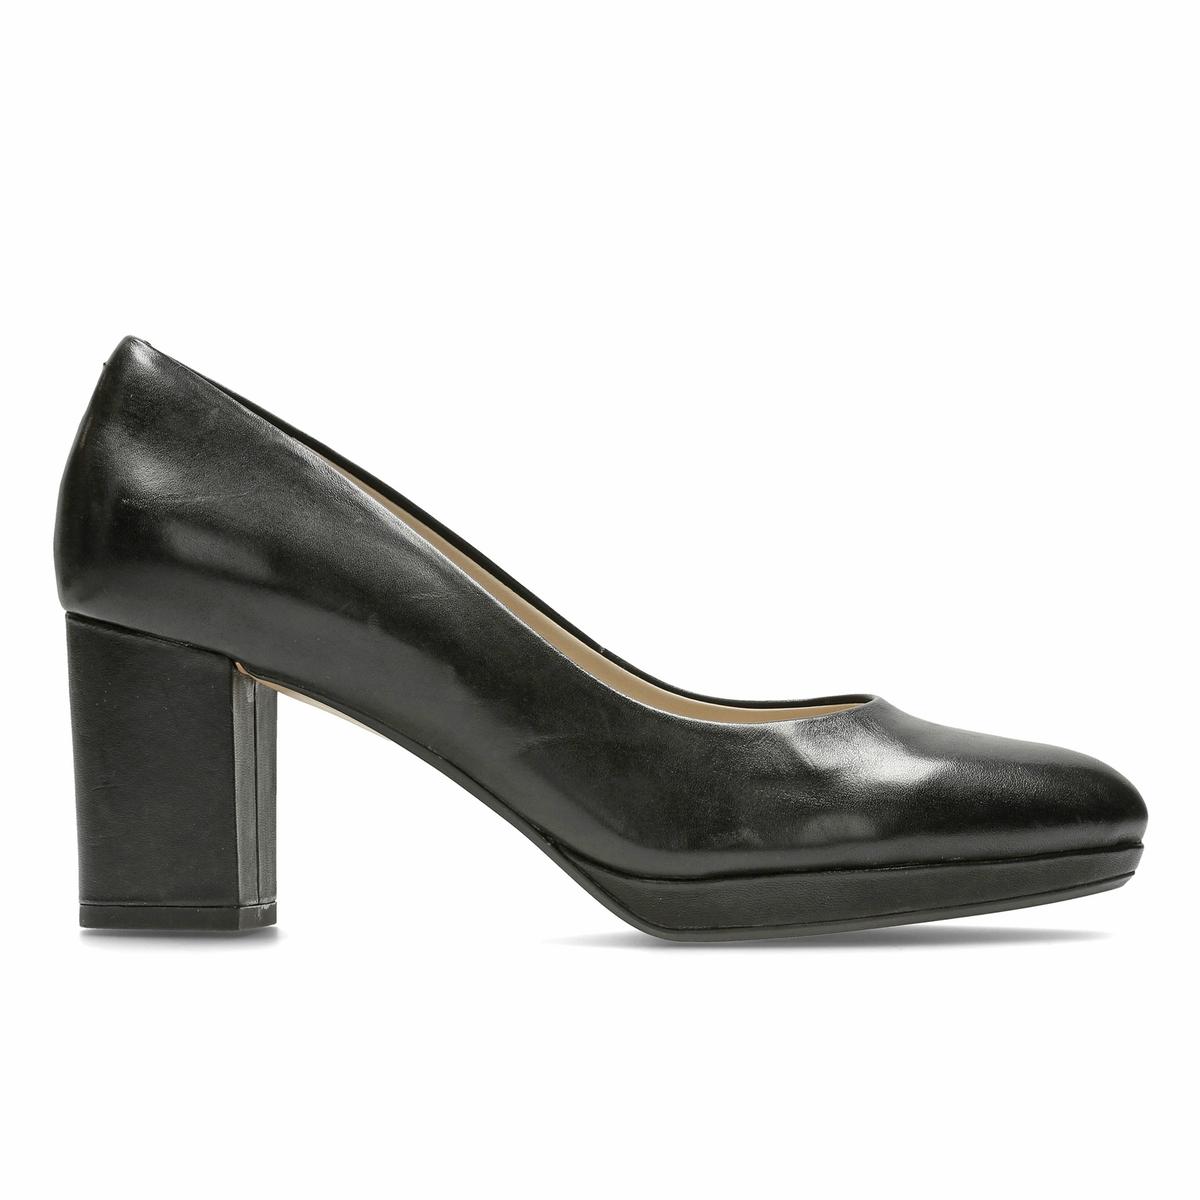 Туфли кожаные Kelda HopeВерх : замша   Подкладка : синтетика   Стелька : Кожа.   Подошва : Каучук   Высота каблука : 7 см   Форма каблука : квадратный.   Мысок : закругленный   Застежка : Без застежки<br><br>Цвет: черный<br>Размер: 41.36.37